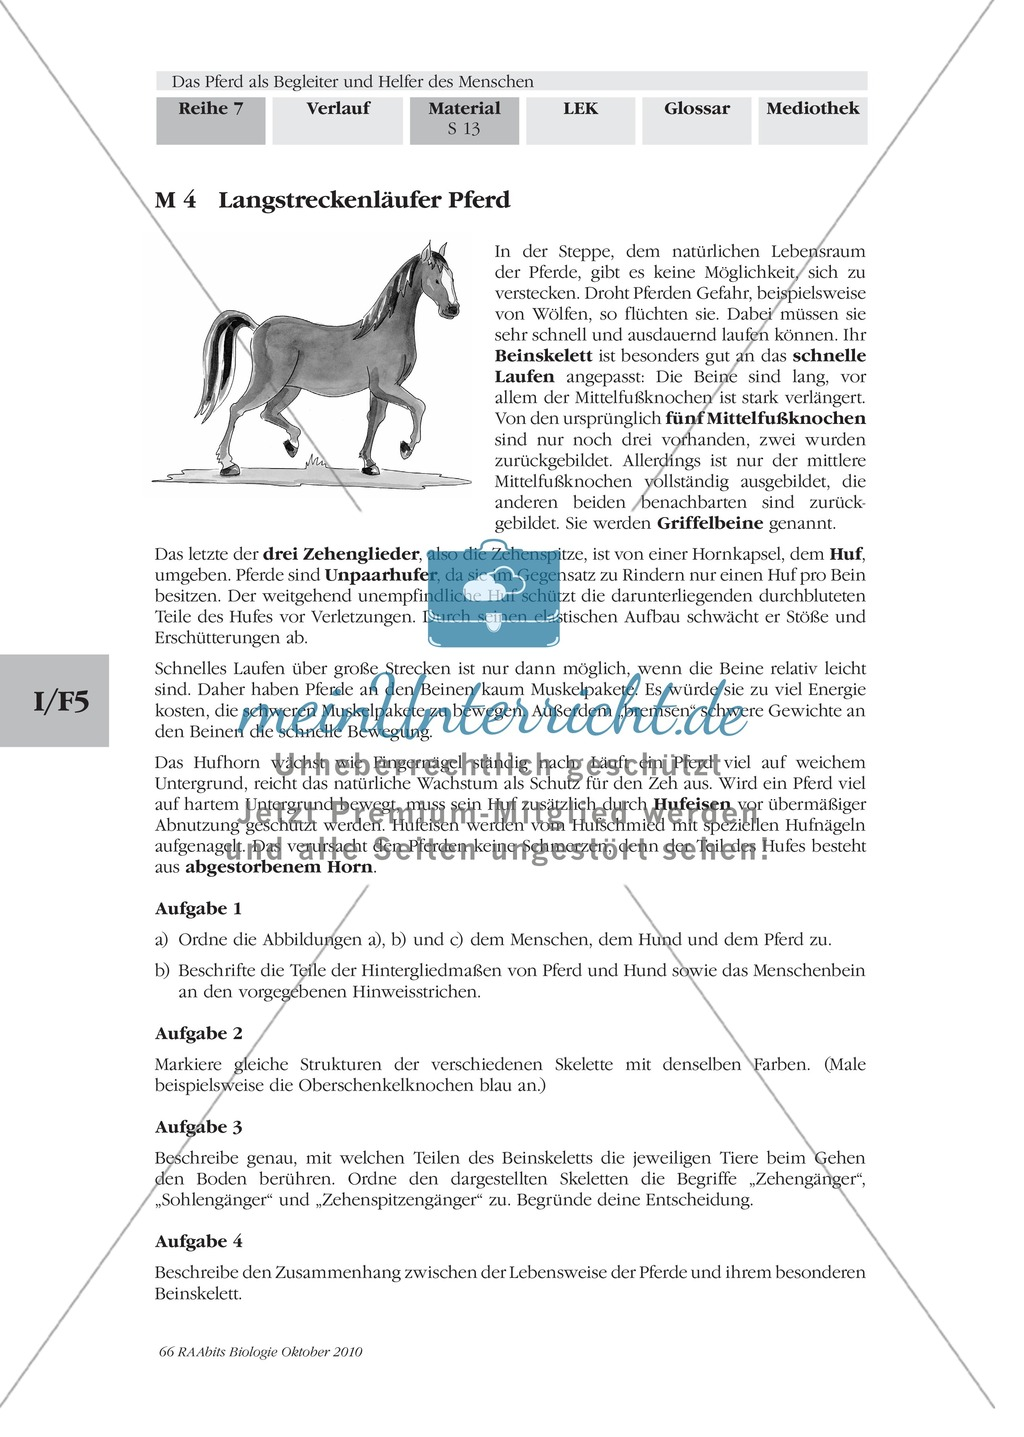 Das Pferd: Langstreckenläufer - Anpassung an die Lebensweise in der ...